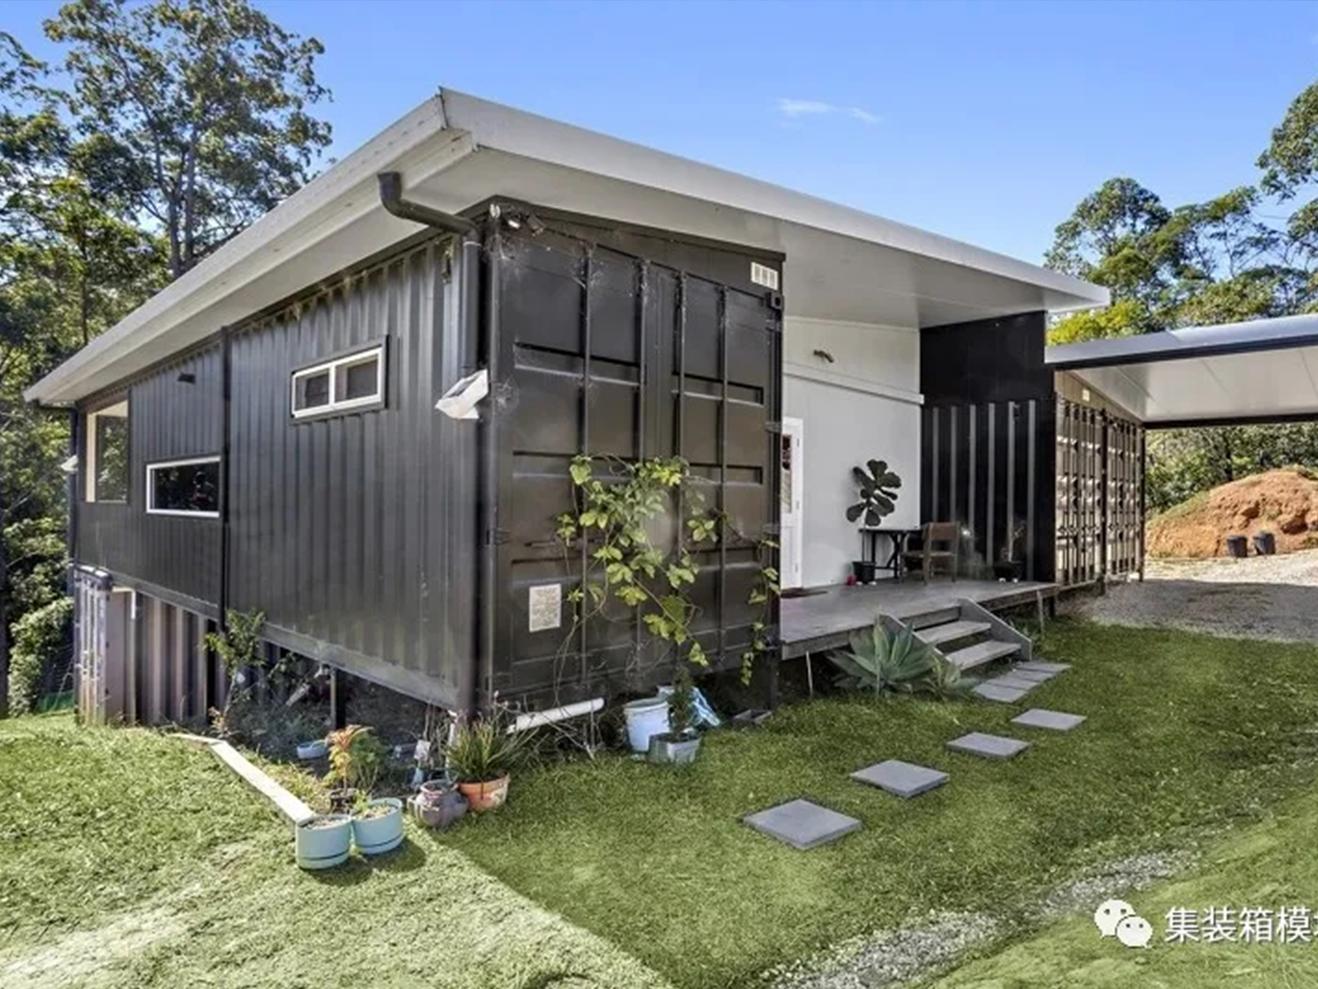 集装箱打造的具有生态意识功能性房屋!